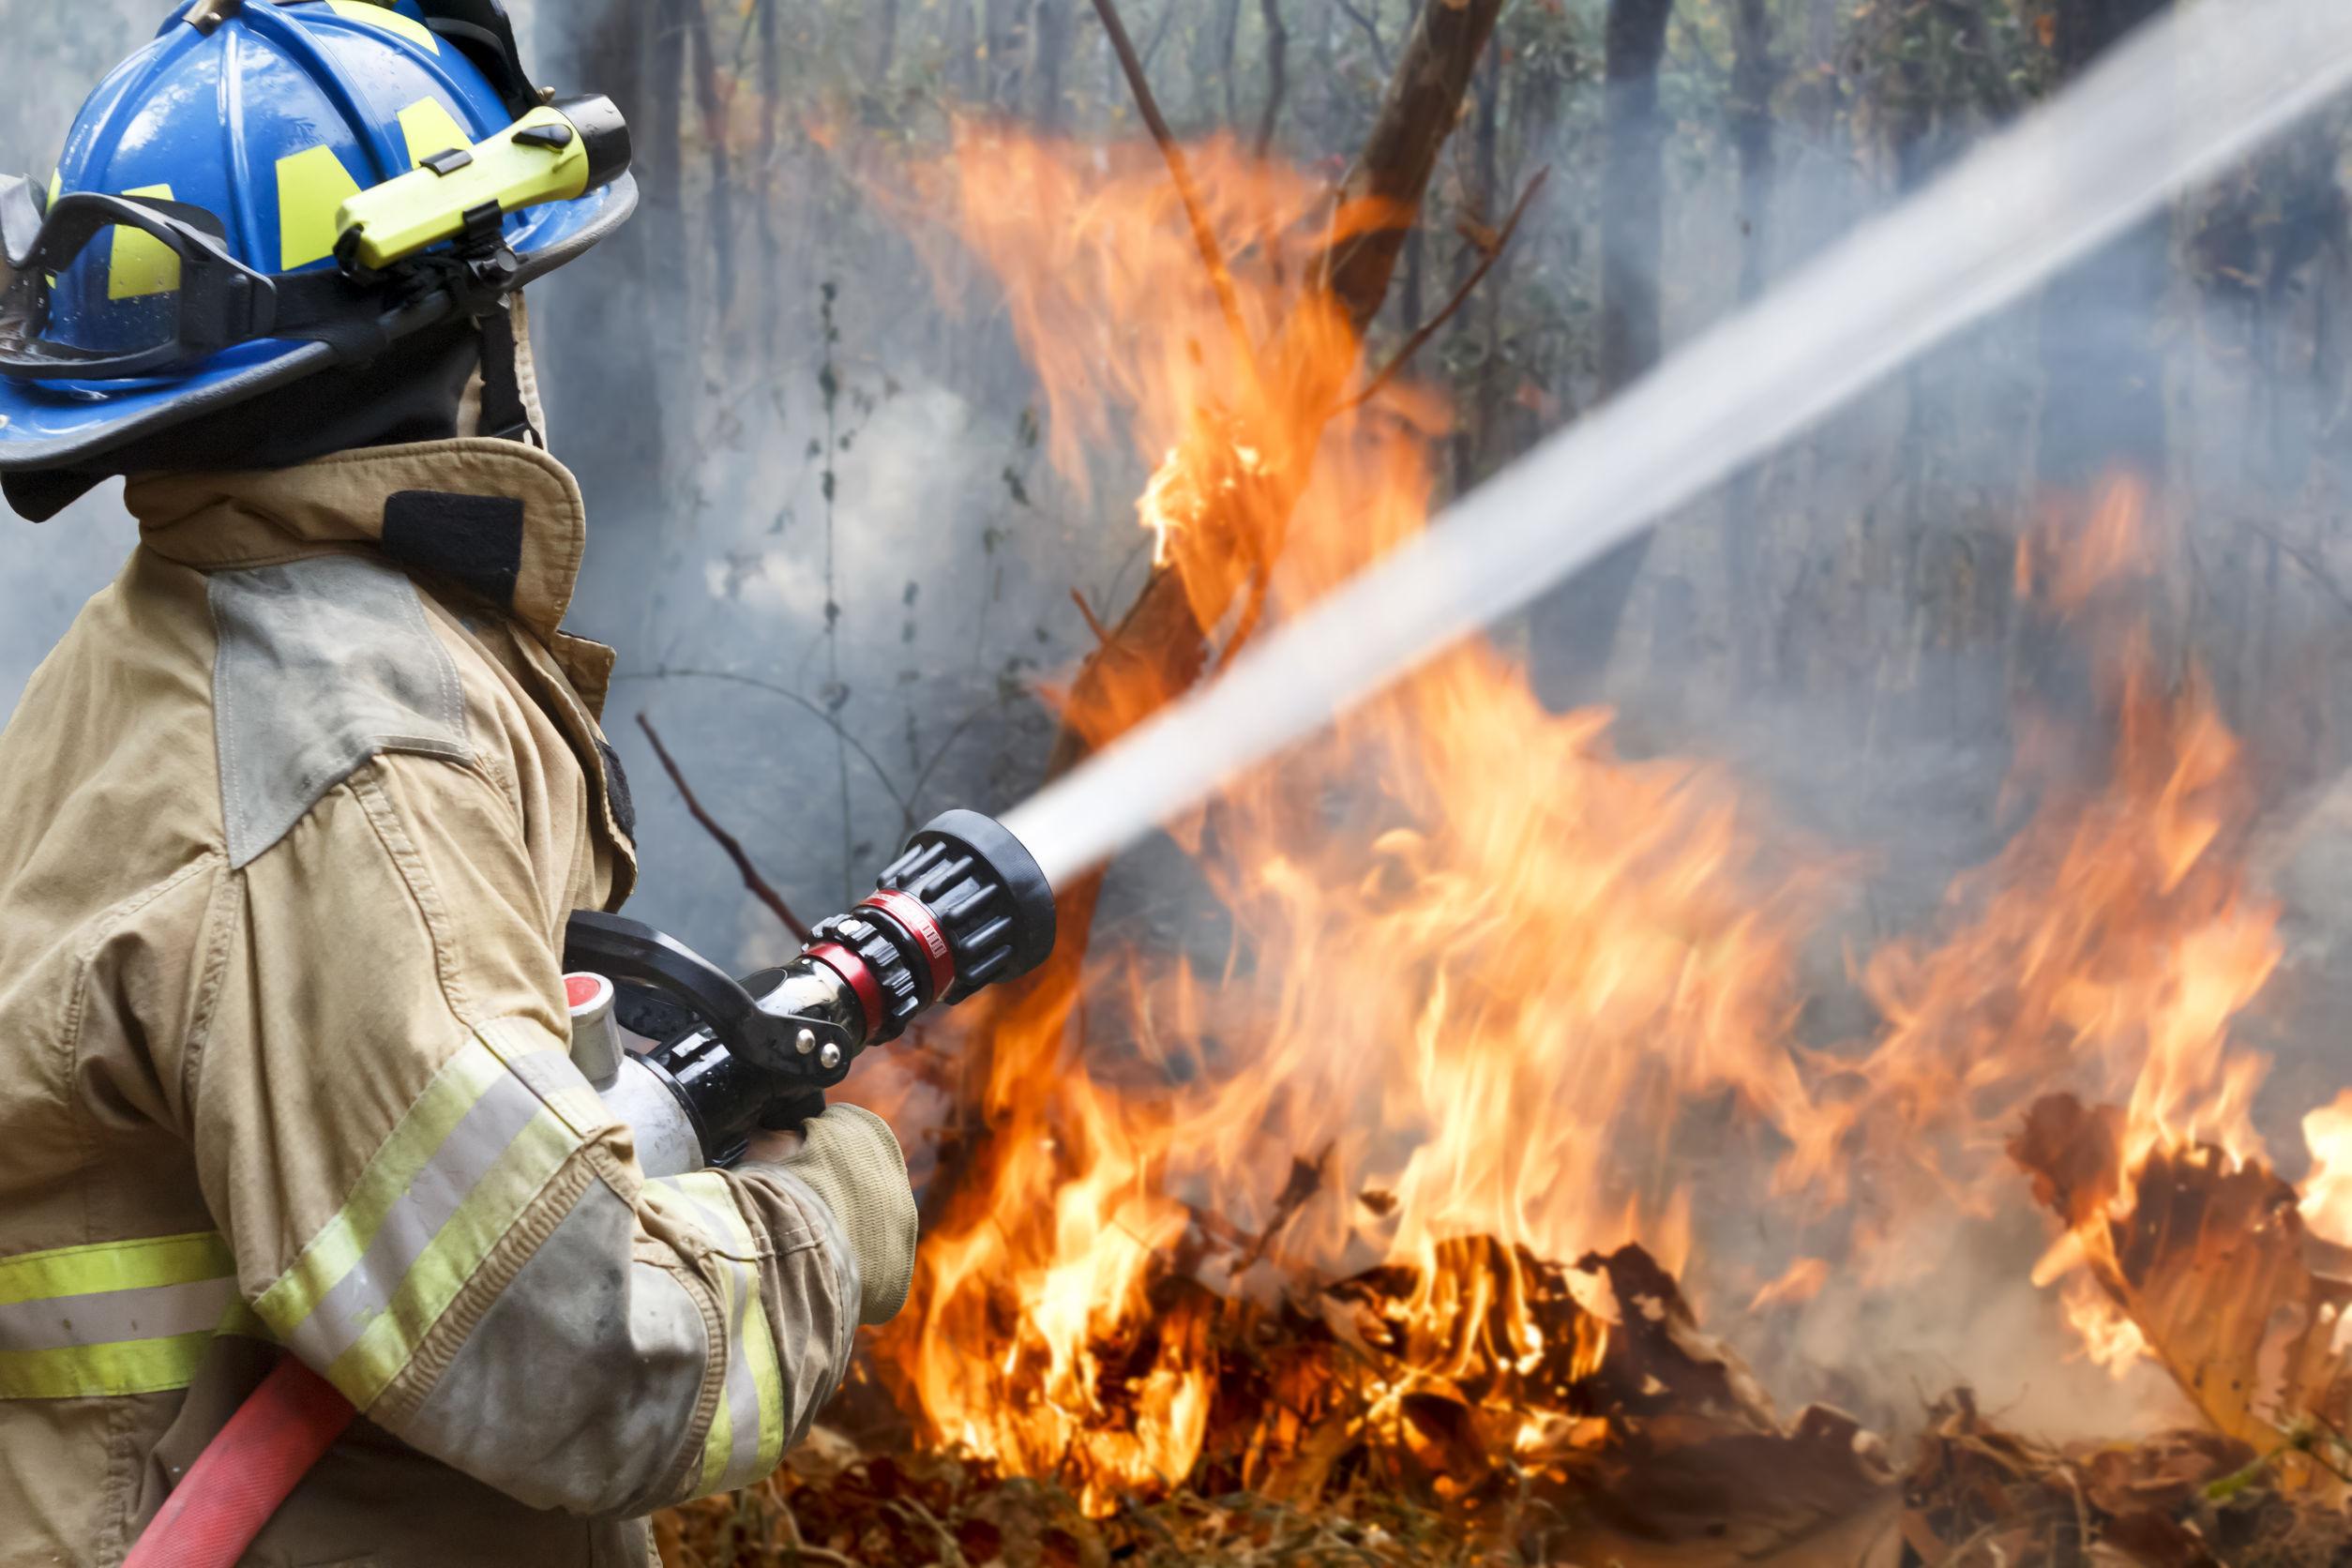 firefighter resume example for dfes firefighter jobs